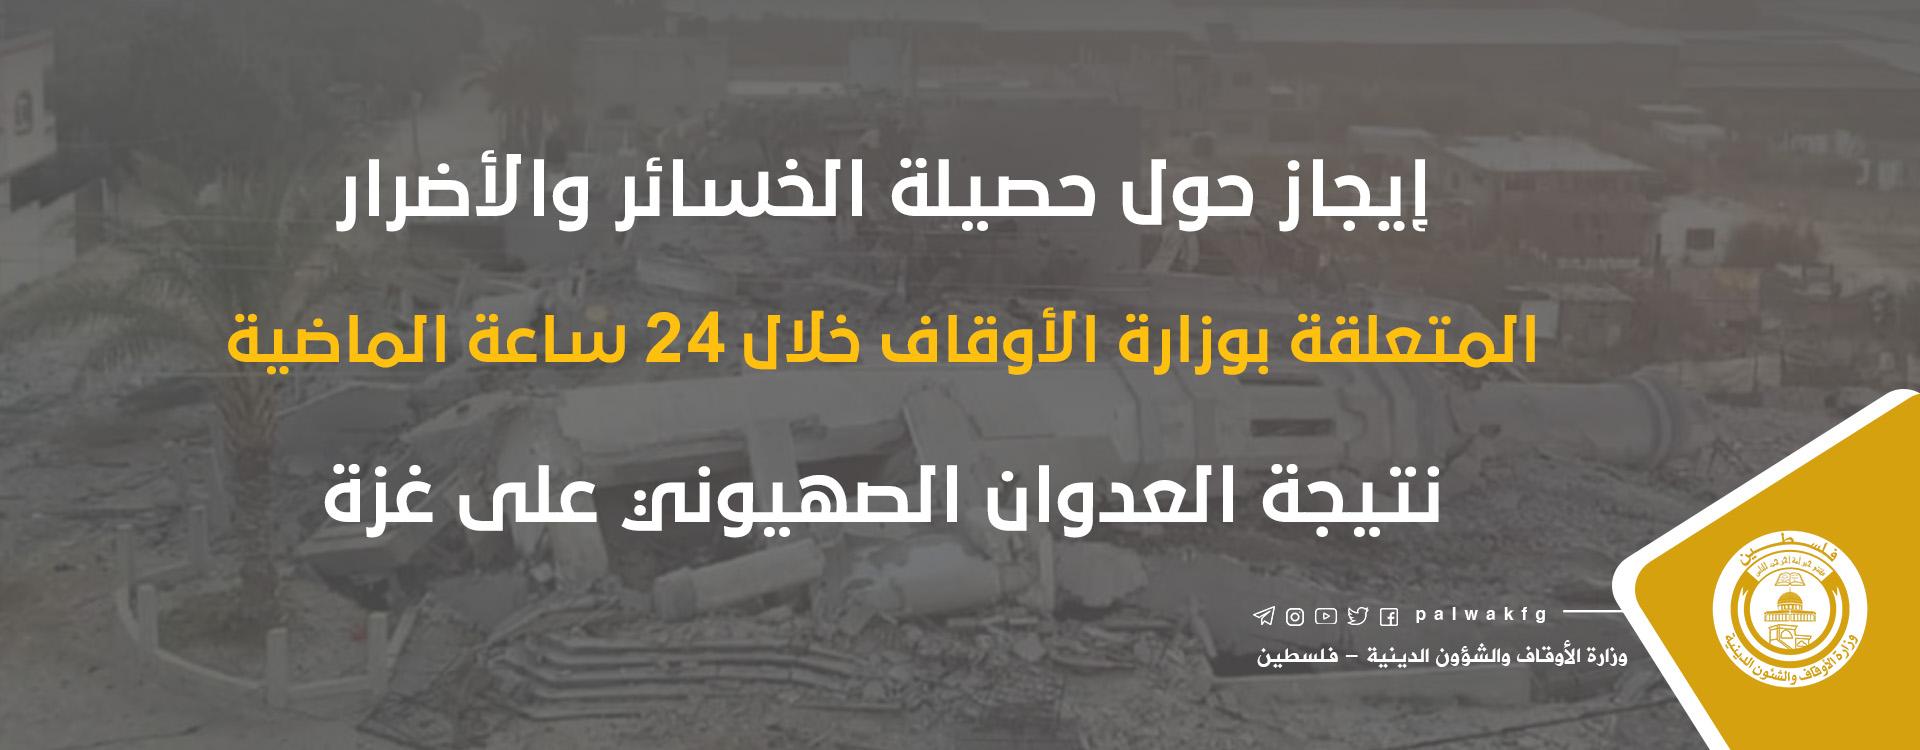 إيجاز حول حصيلة الخسائر والأضرار المتعلقة بالأوقاف خلال 24 ساعة الماضية نتيجة العدوان على غزة